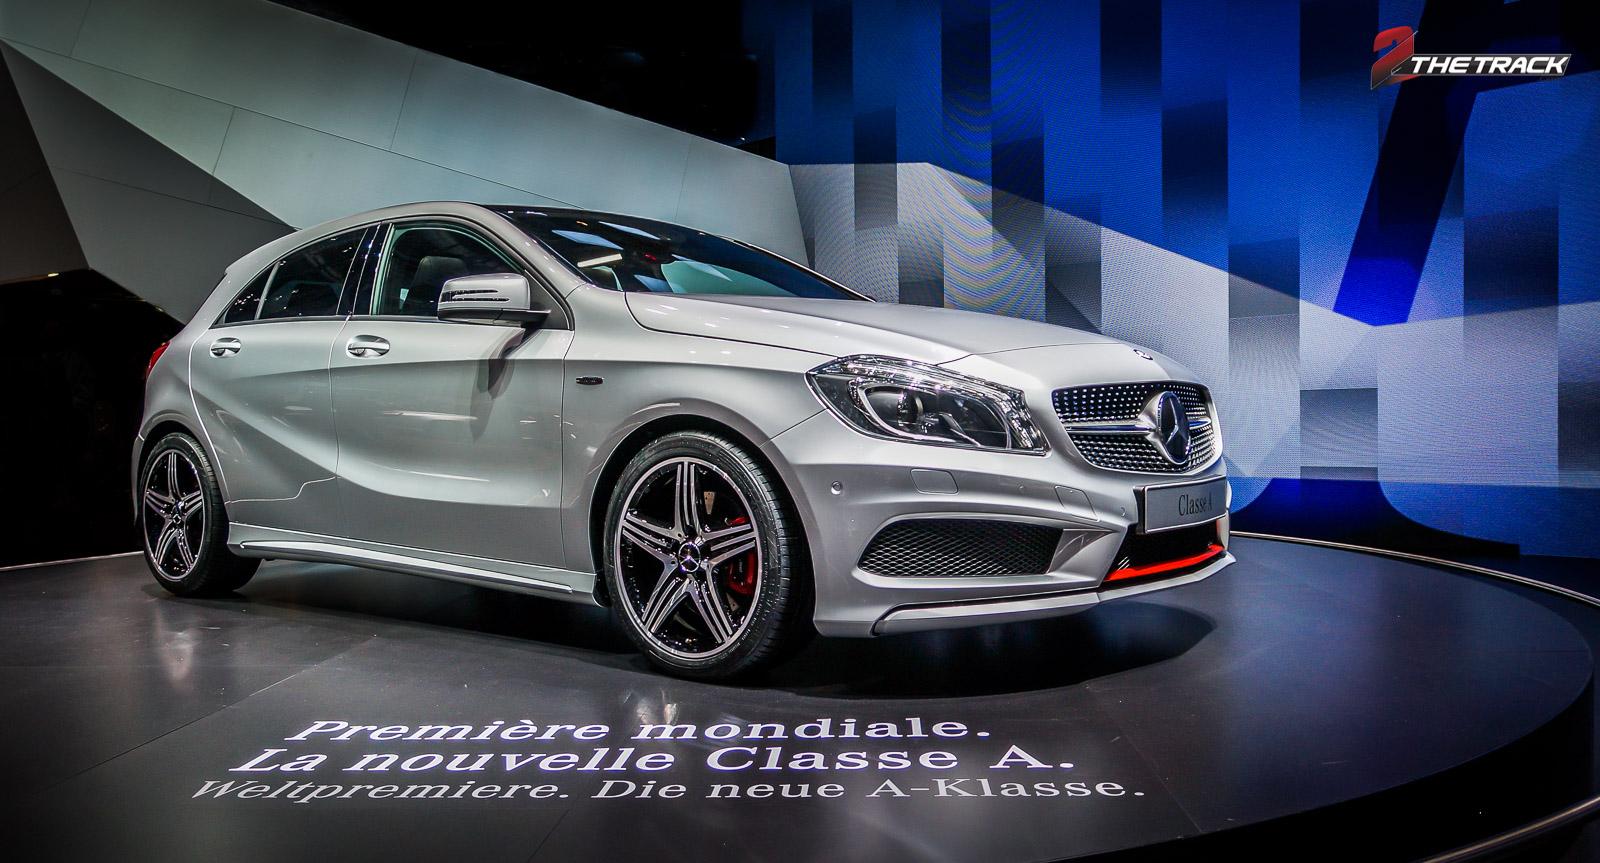 Onthulling van de A-klasse in 2012 betekende de definitieve verjonging van Mercedes-Benz.